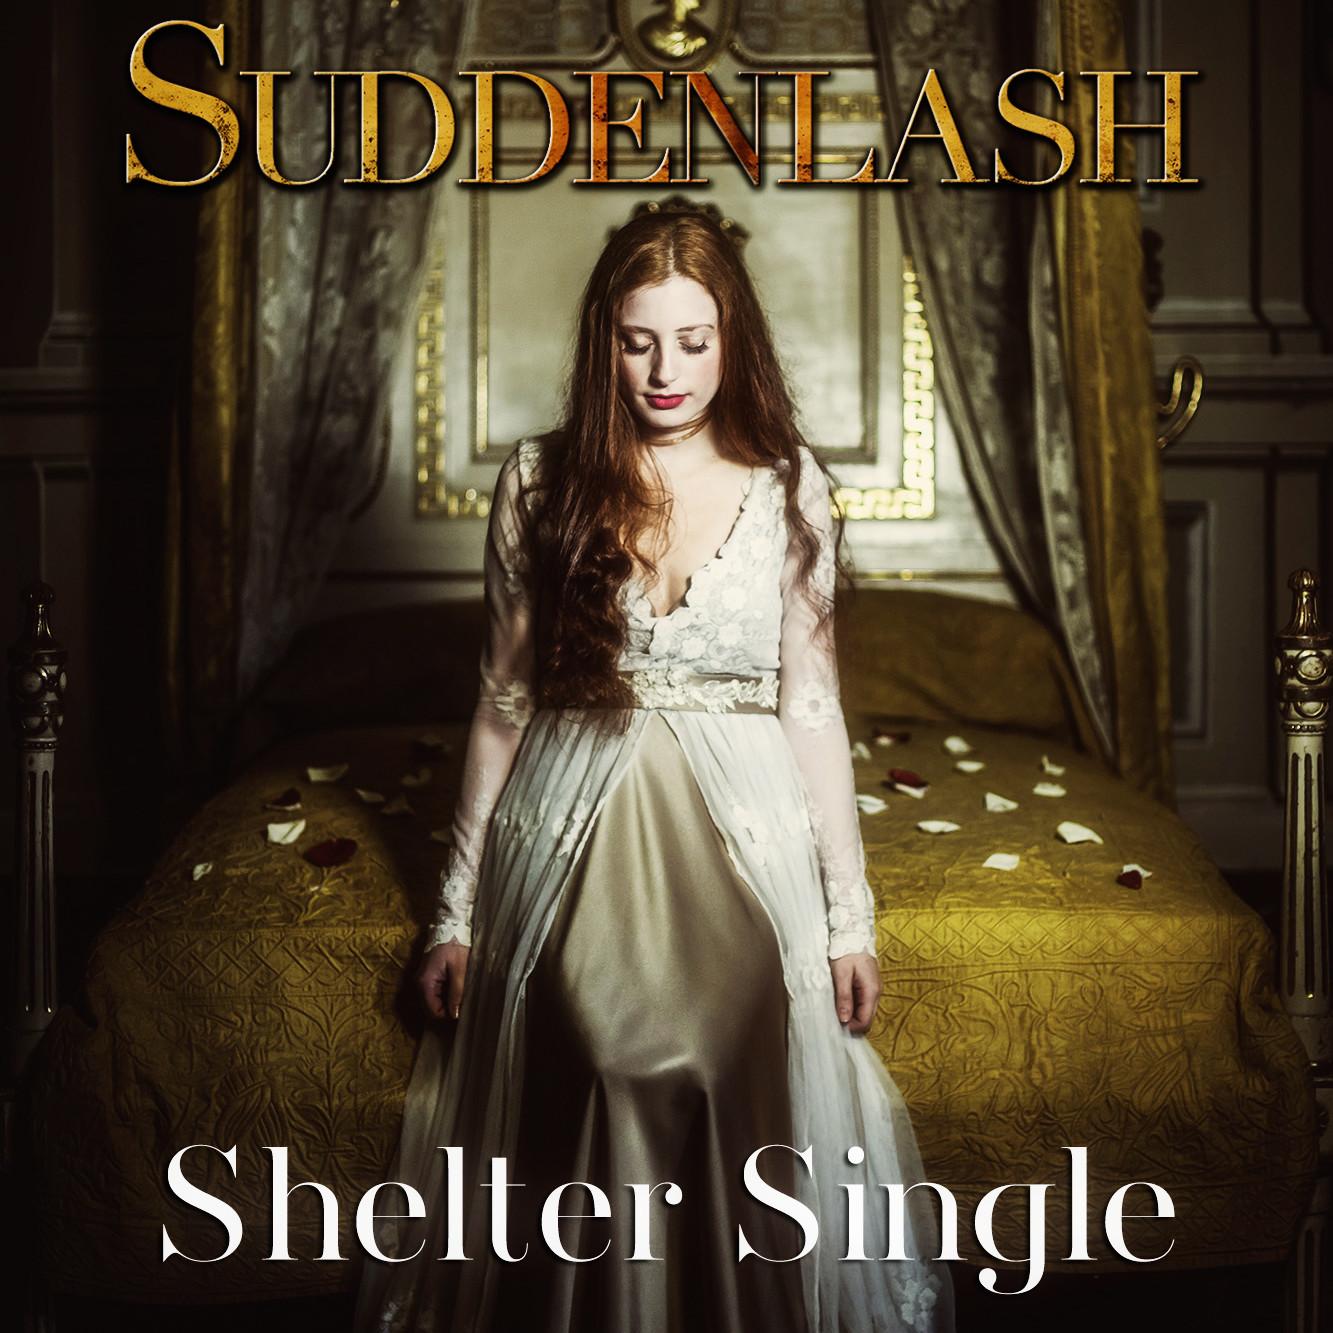 Shelter - Single (2015) - MP3 Digital Download